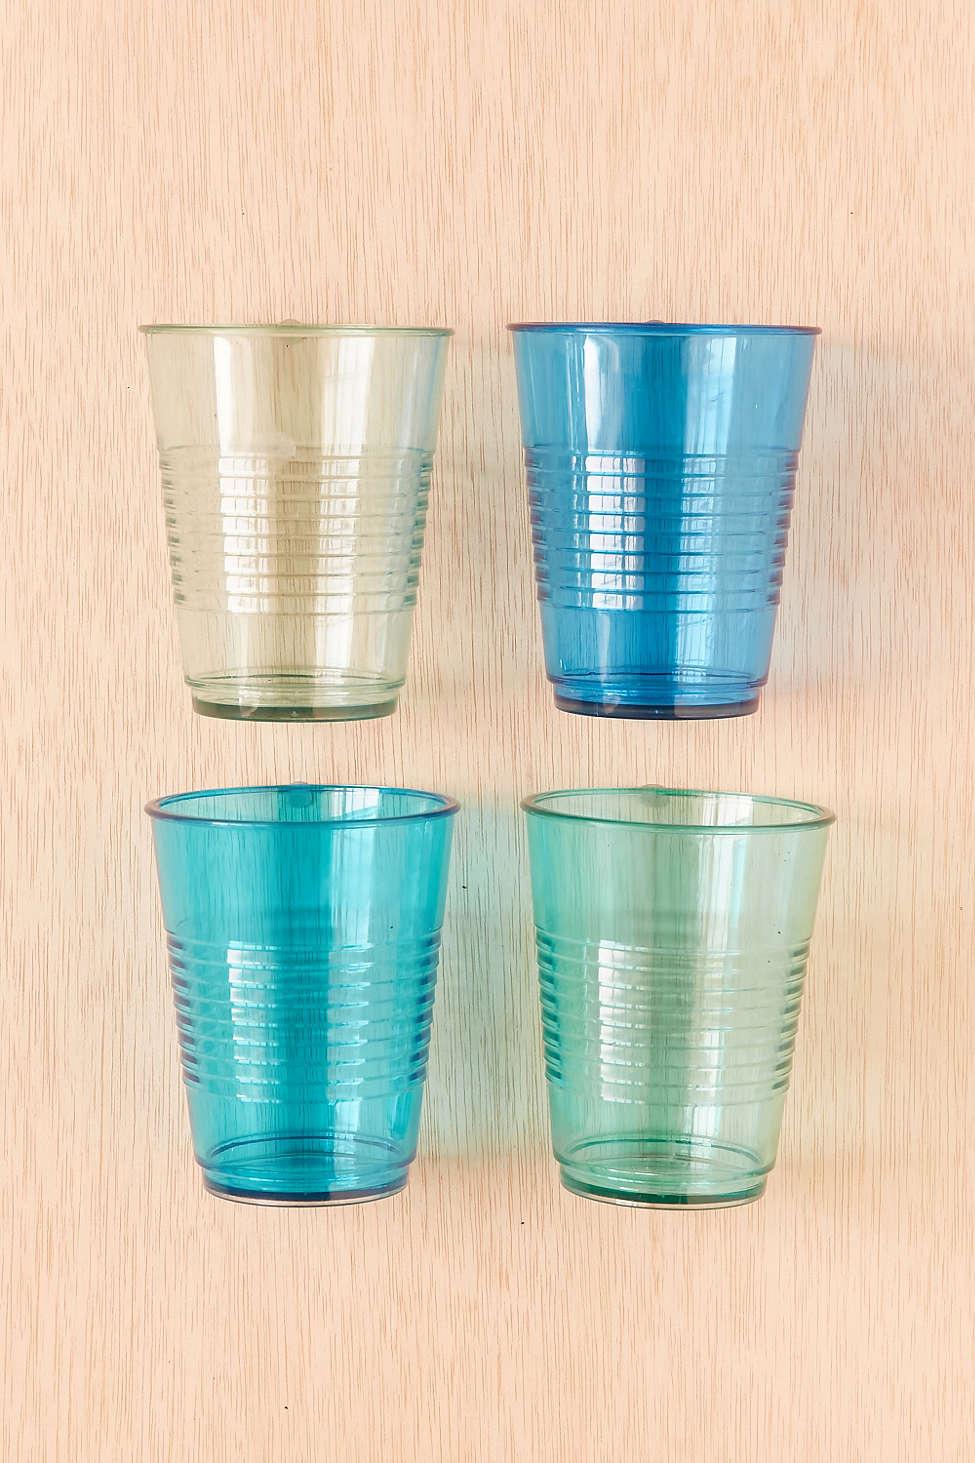 Blue Party Cup Set